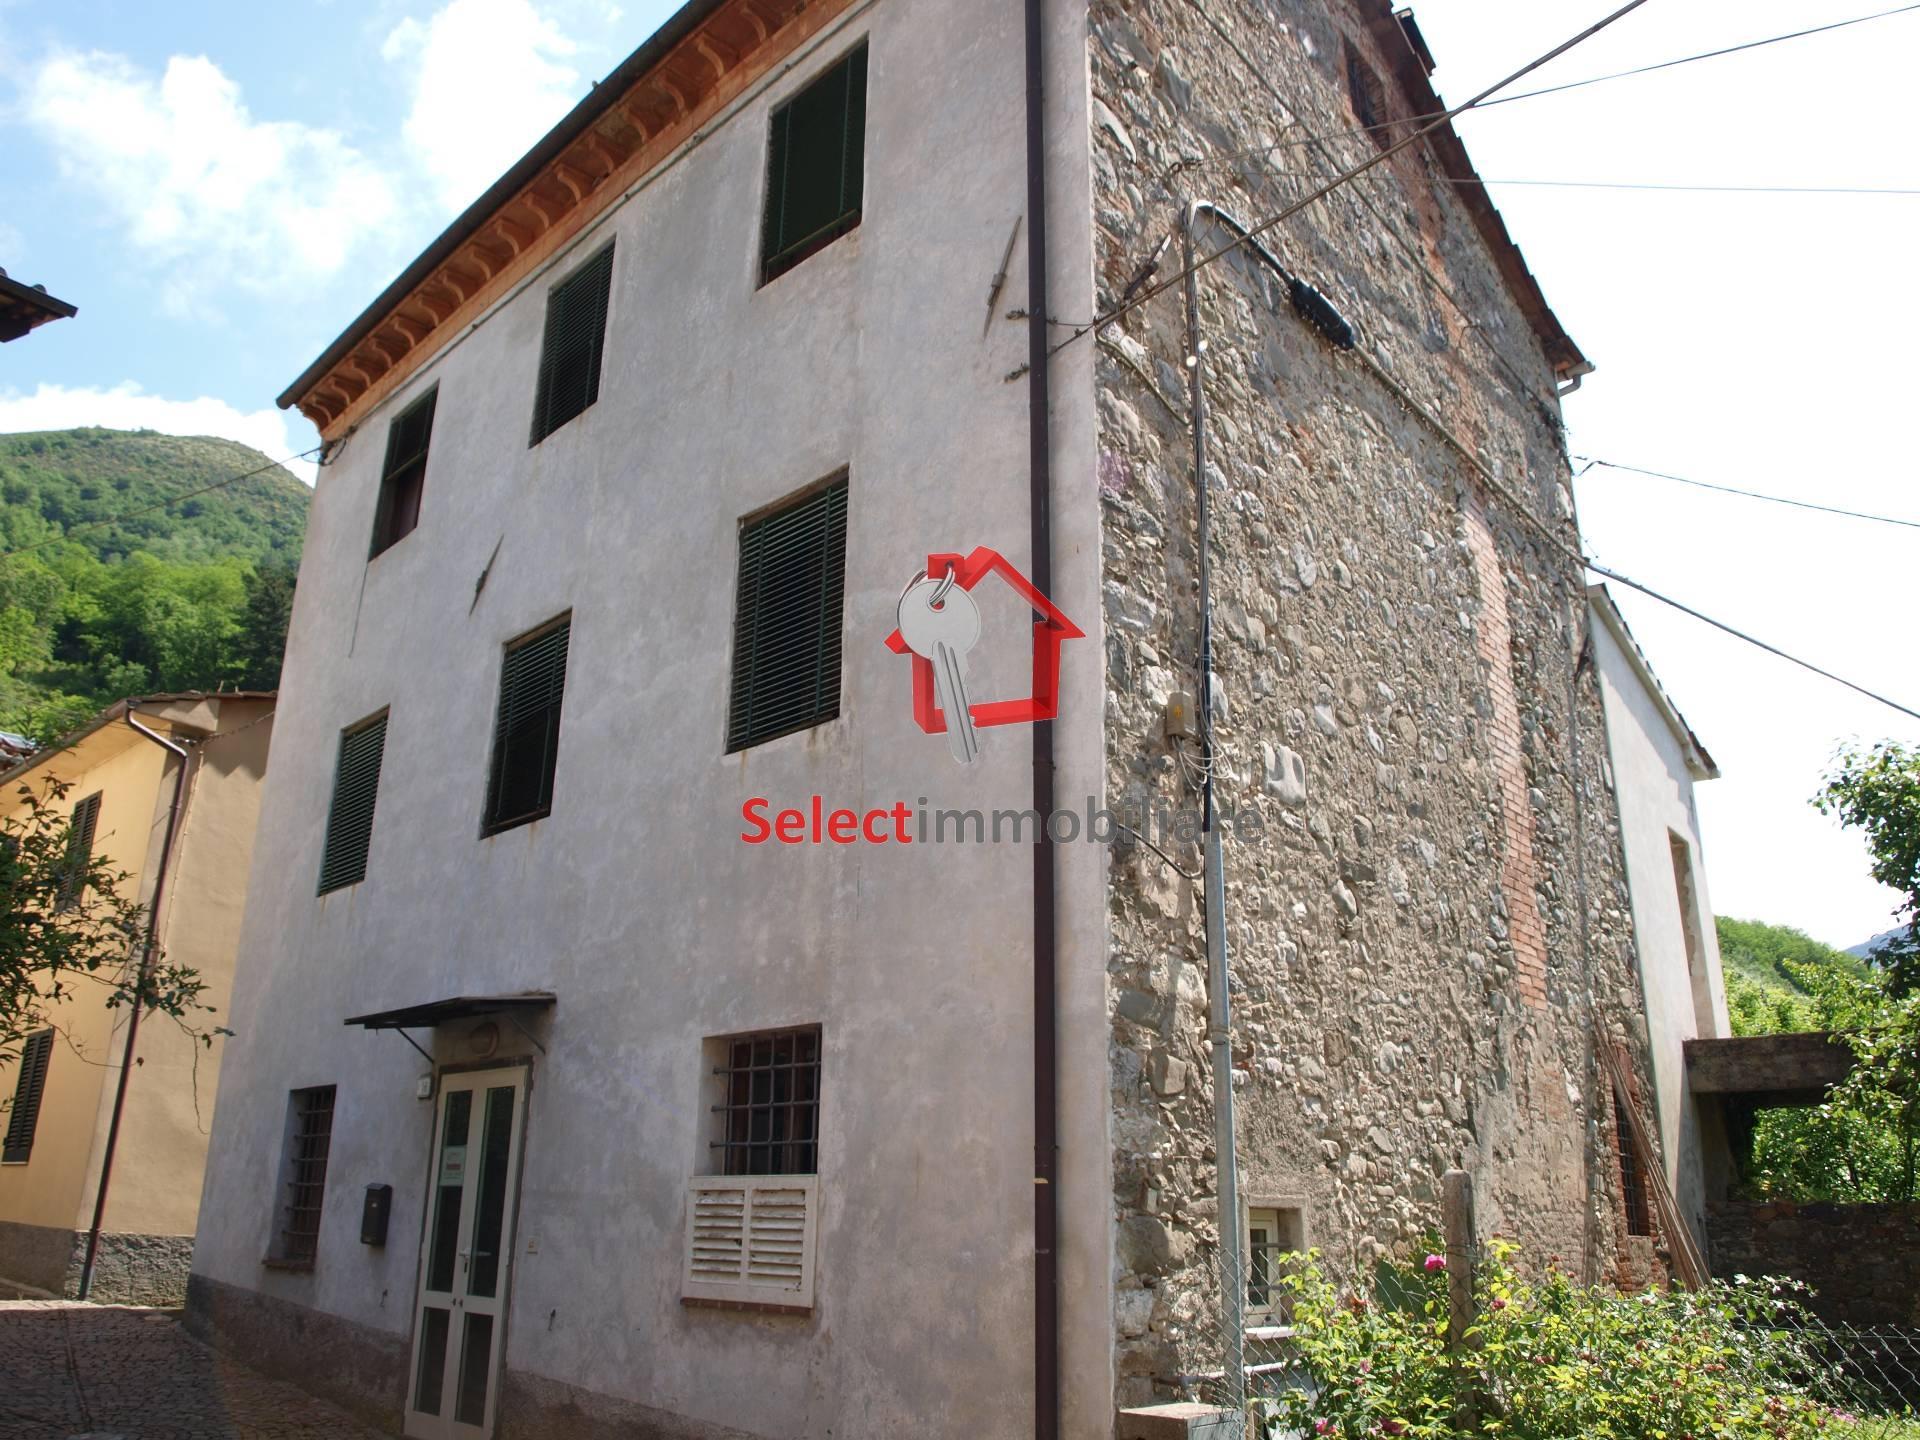 Soluzione Indipendente in vendita a Borgo a Mozzano, 10 locali, zona Zona: Diecimo, prezzo € 185.000 | Cambio Casa.it